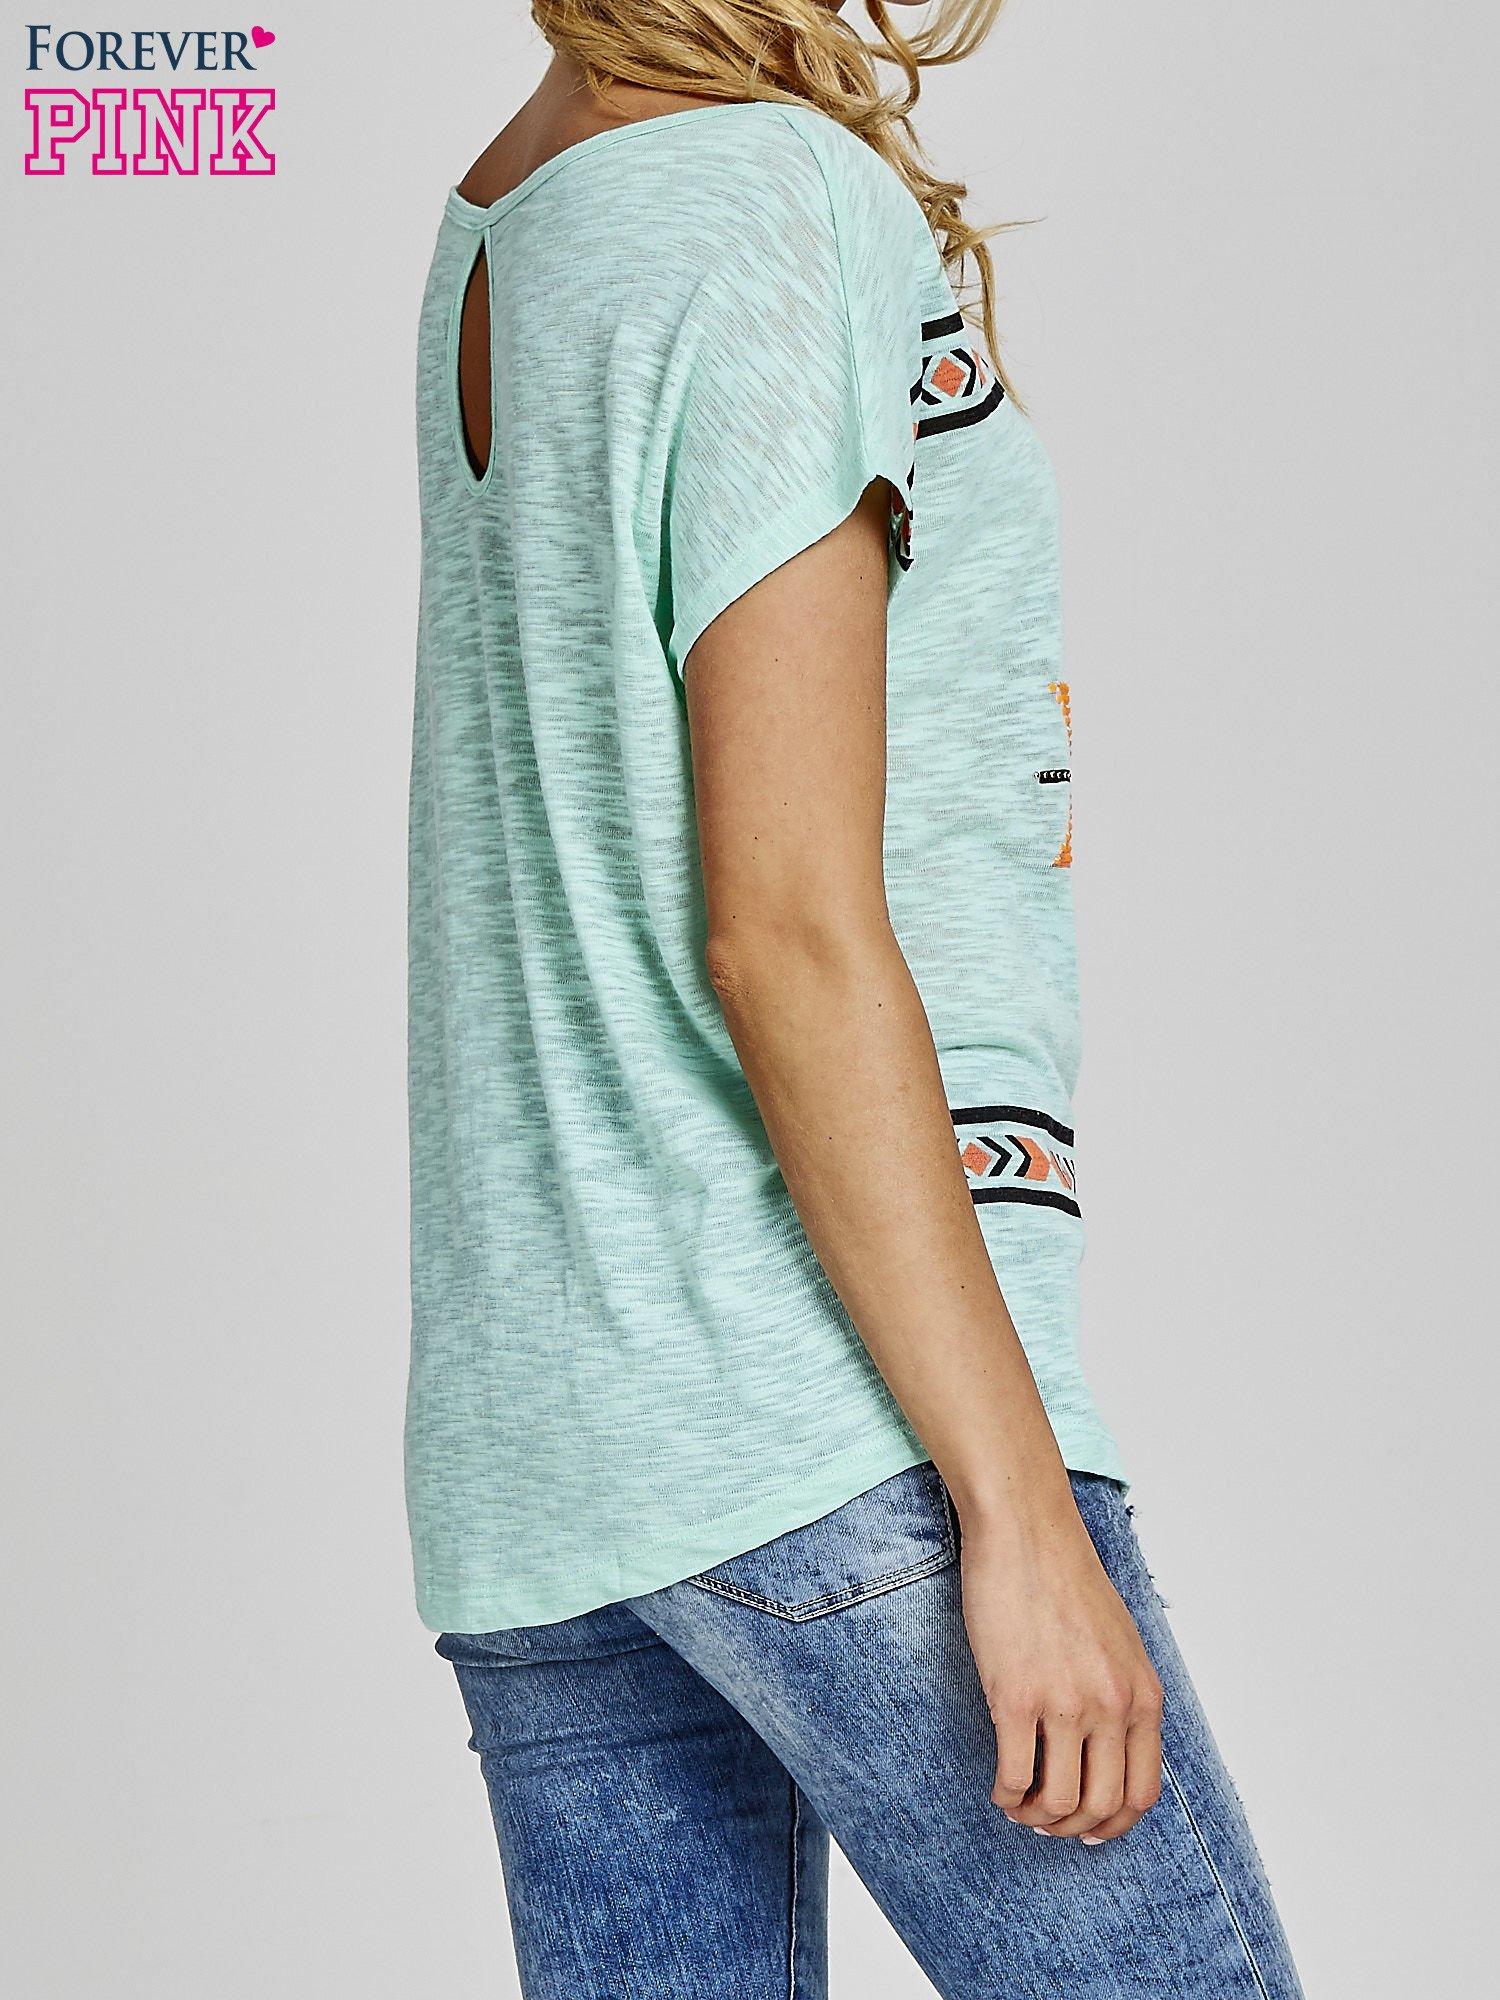 Miętowy t-shirt we wzory azteckie z dżetami                                  zdj.                                  4